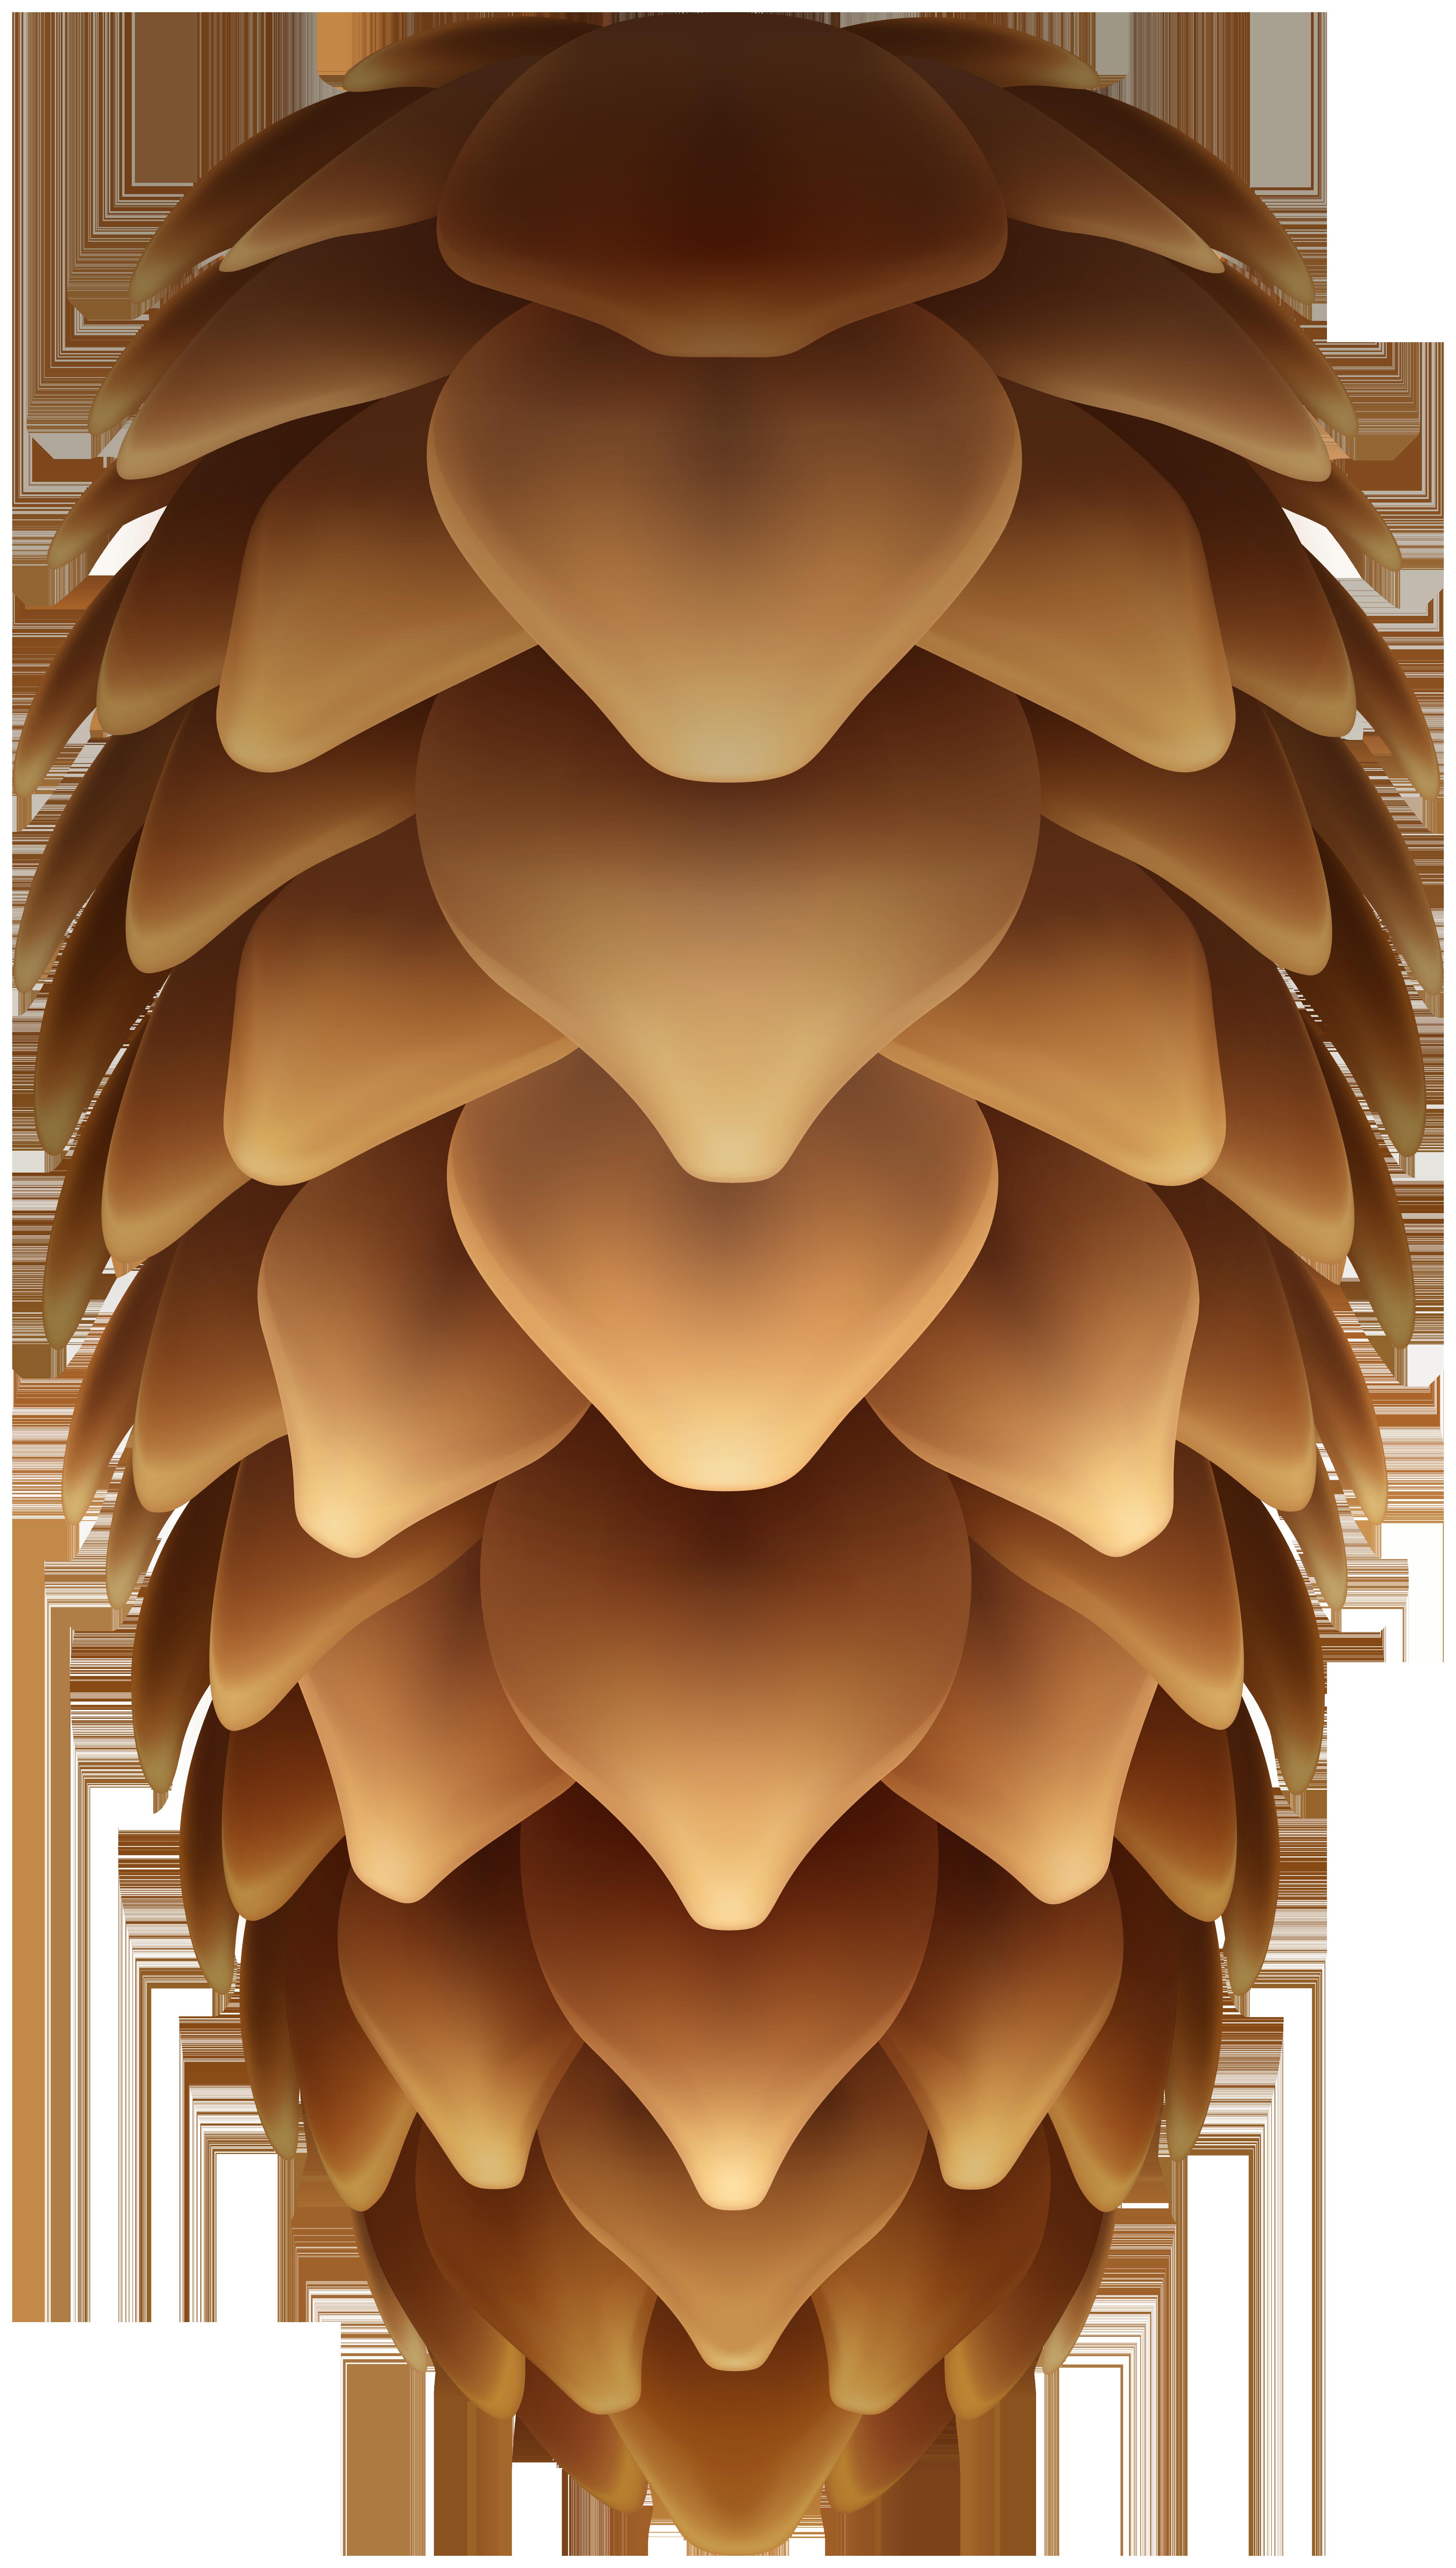 Pinecone Transparent Clip Art Image.